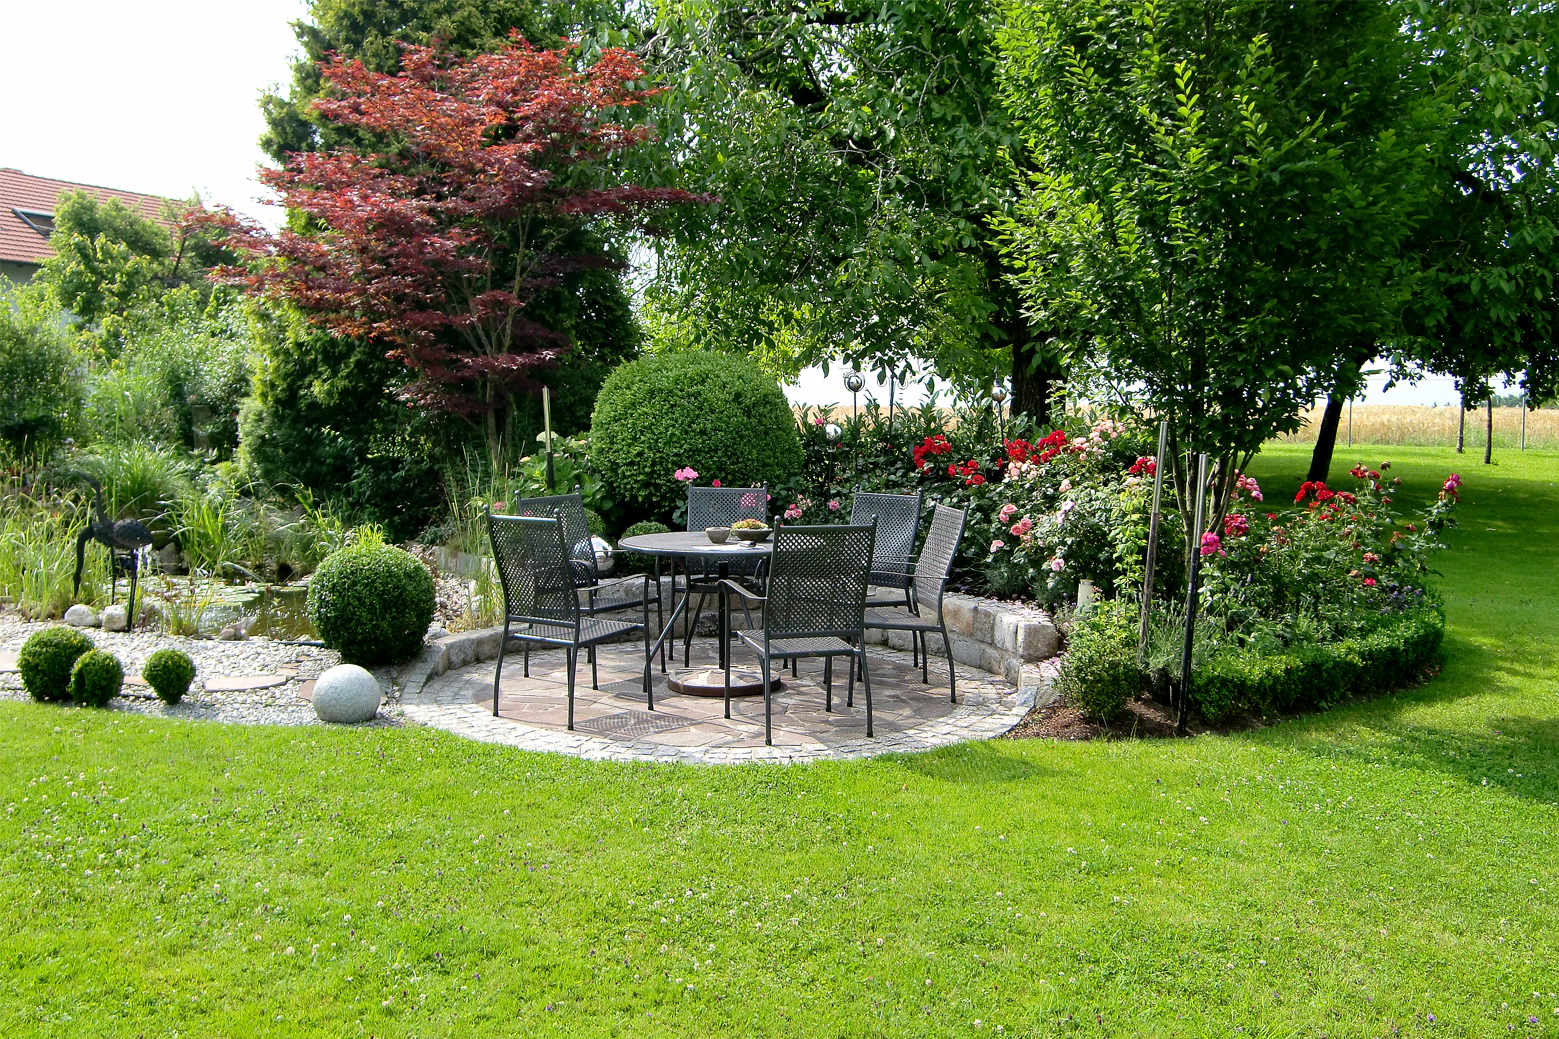 Wege sitzpl tze sitzecke mauern trockenmauer for Gartengestaltung wege